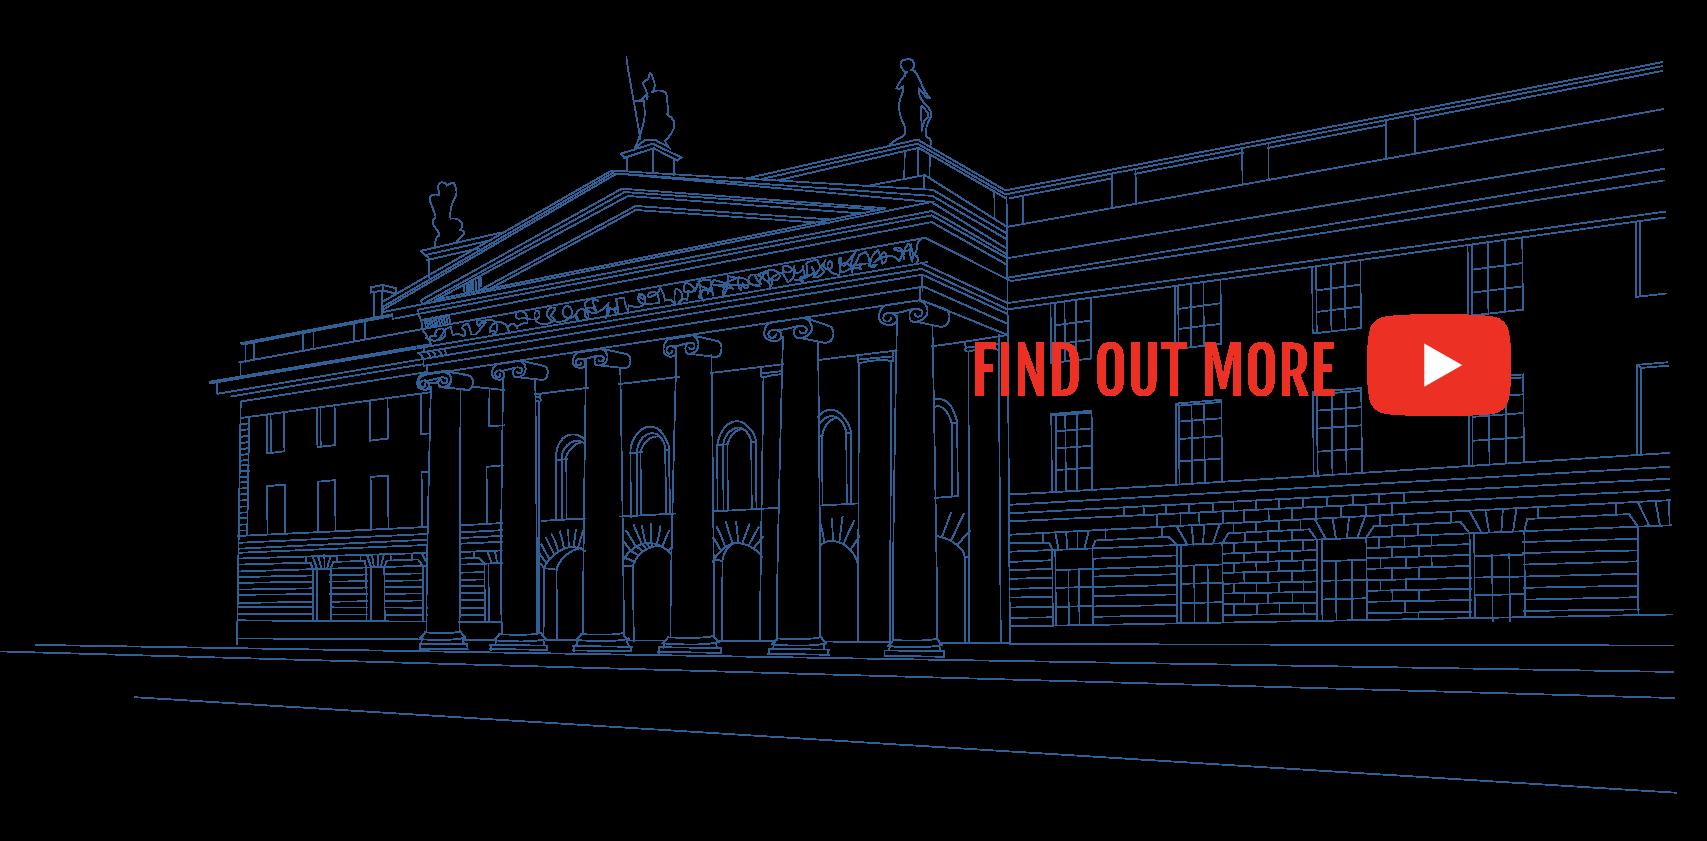 GPO Dublin Exhibition Centre - Hendrick Ryan & Associates